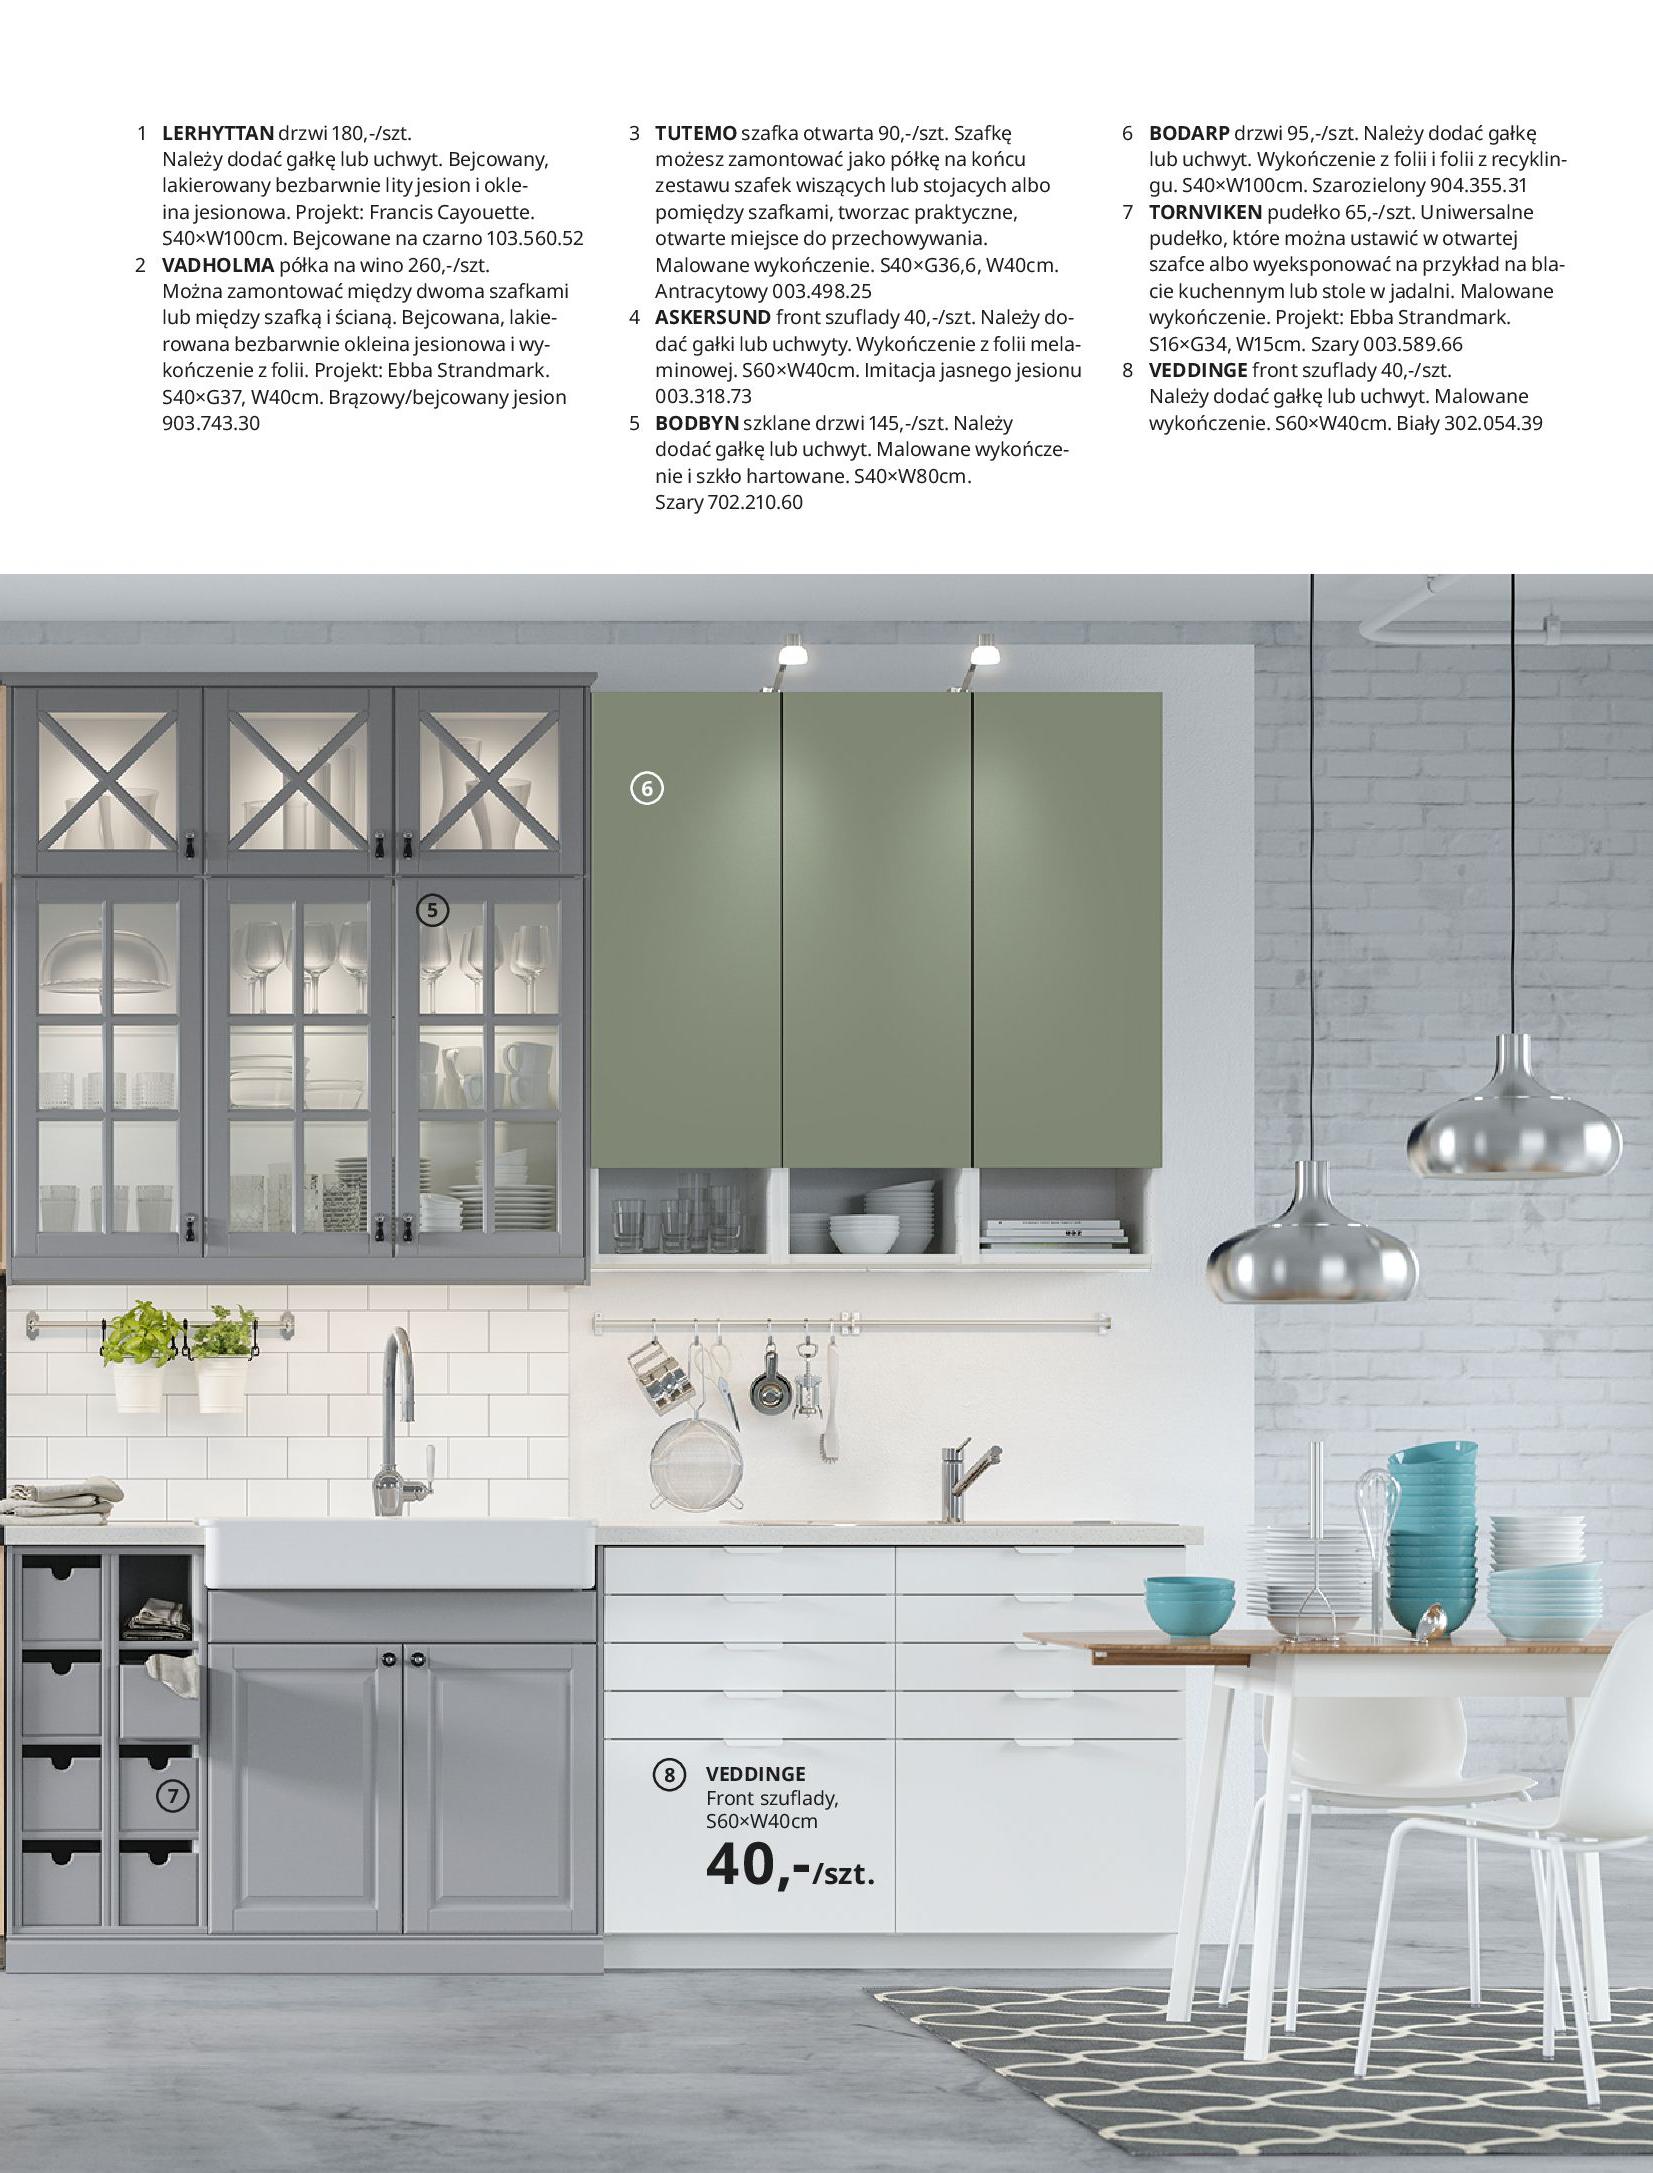 Gazetka IKEA: KUCHNIE 2021 2021-01-13 page-29